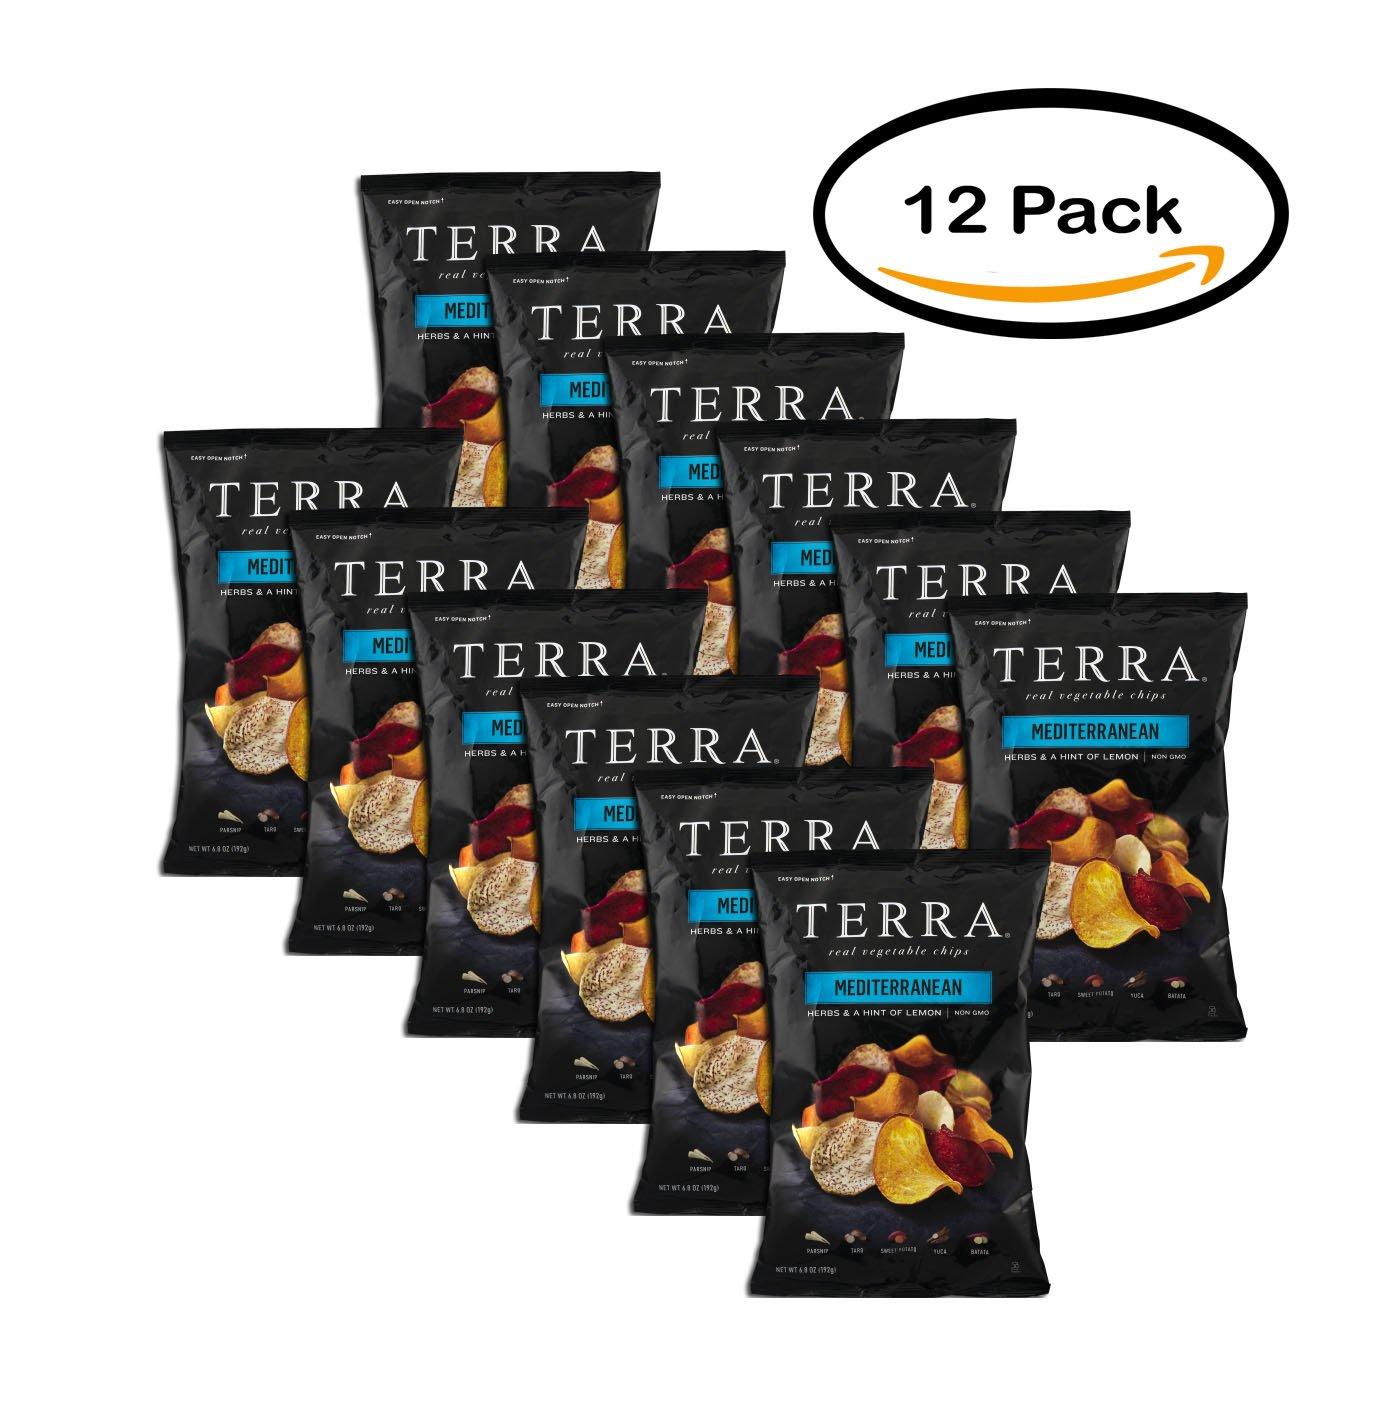 PACK OF 12 - Terra Mediterranean Real Vegetable Chips, 6.8 oz by Terra